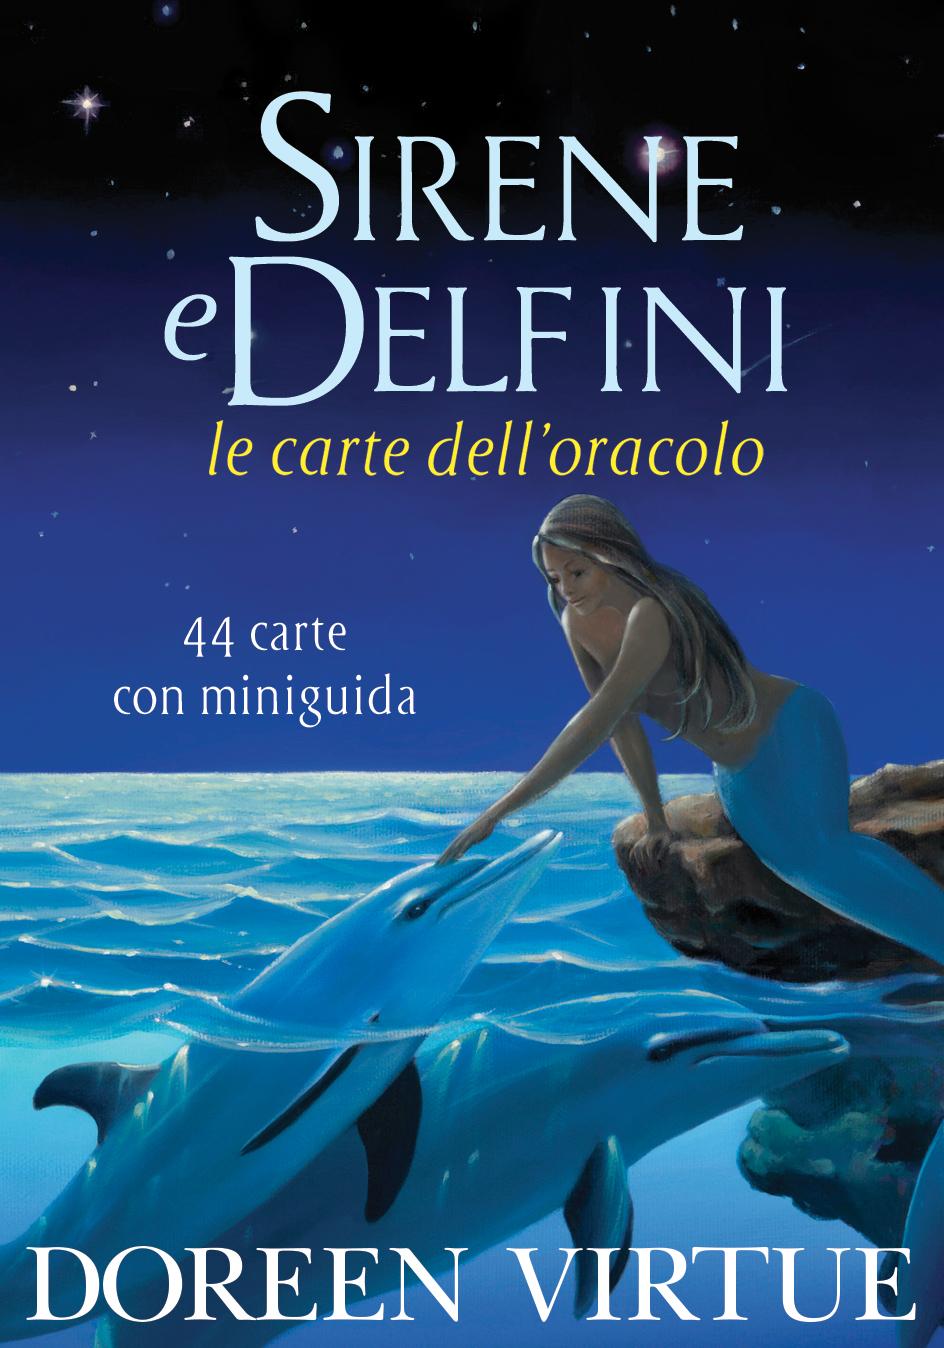 cover carte sirene e delfini